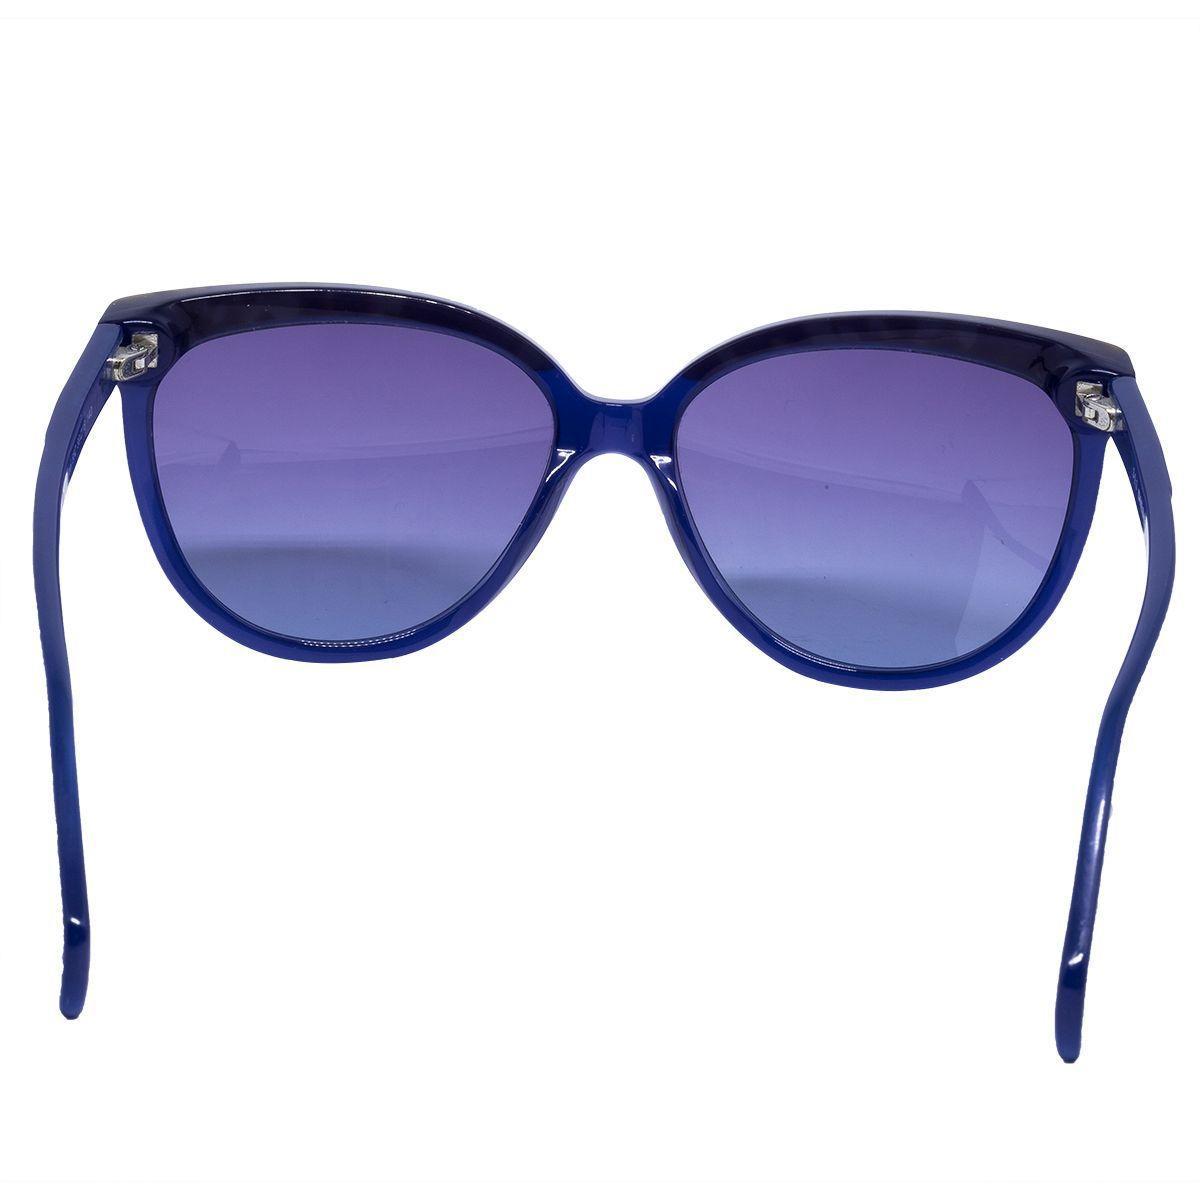 a03926974 Óculos de Sol Diesel Feminino DL0081 - Acetato Roxo e Lente Azul R$ 315,00  à vista. Adicionar à sacola